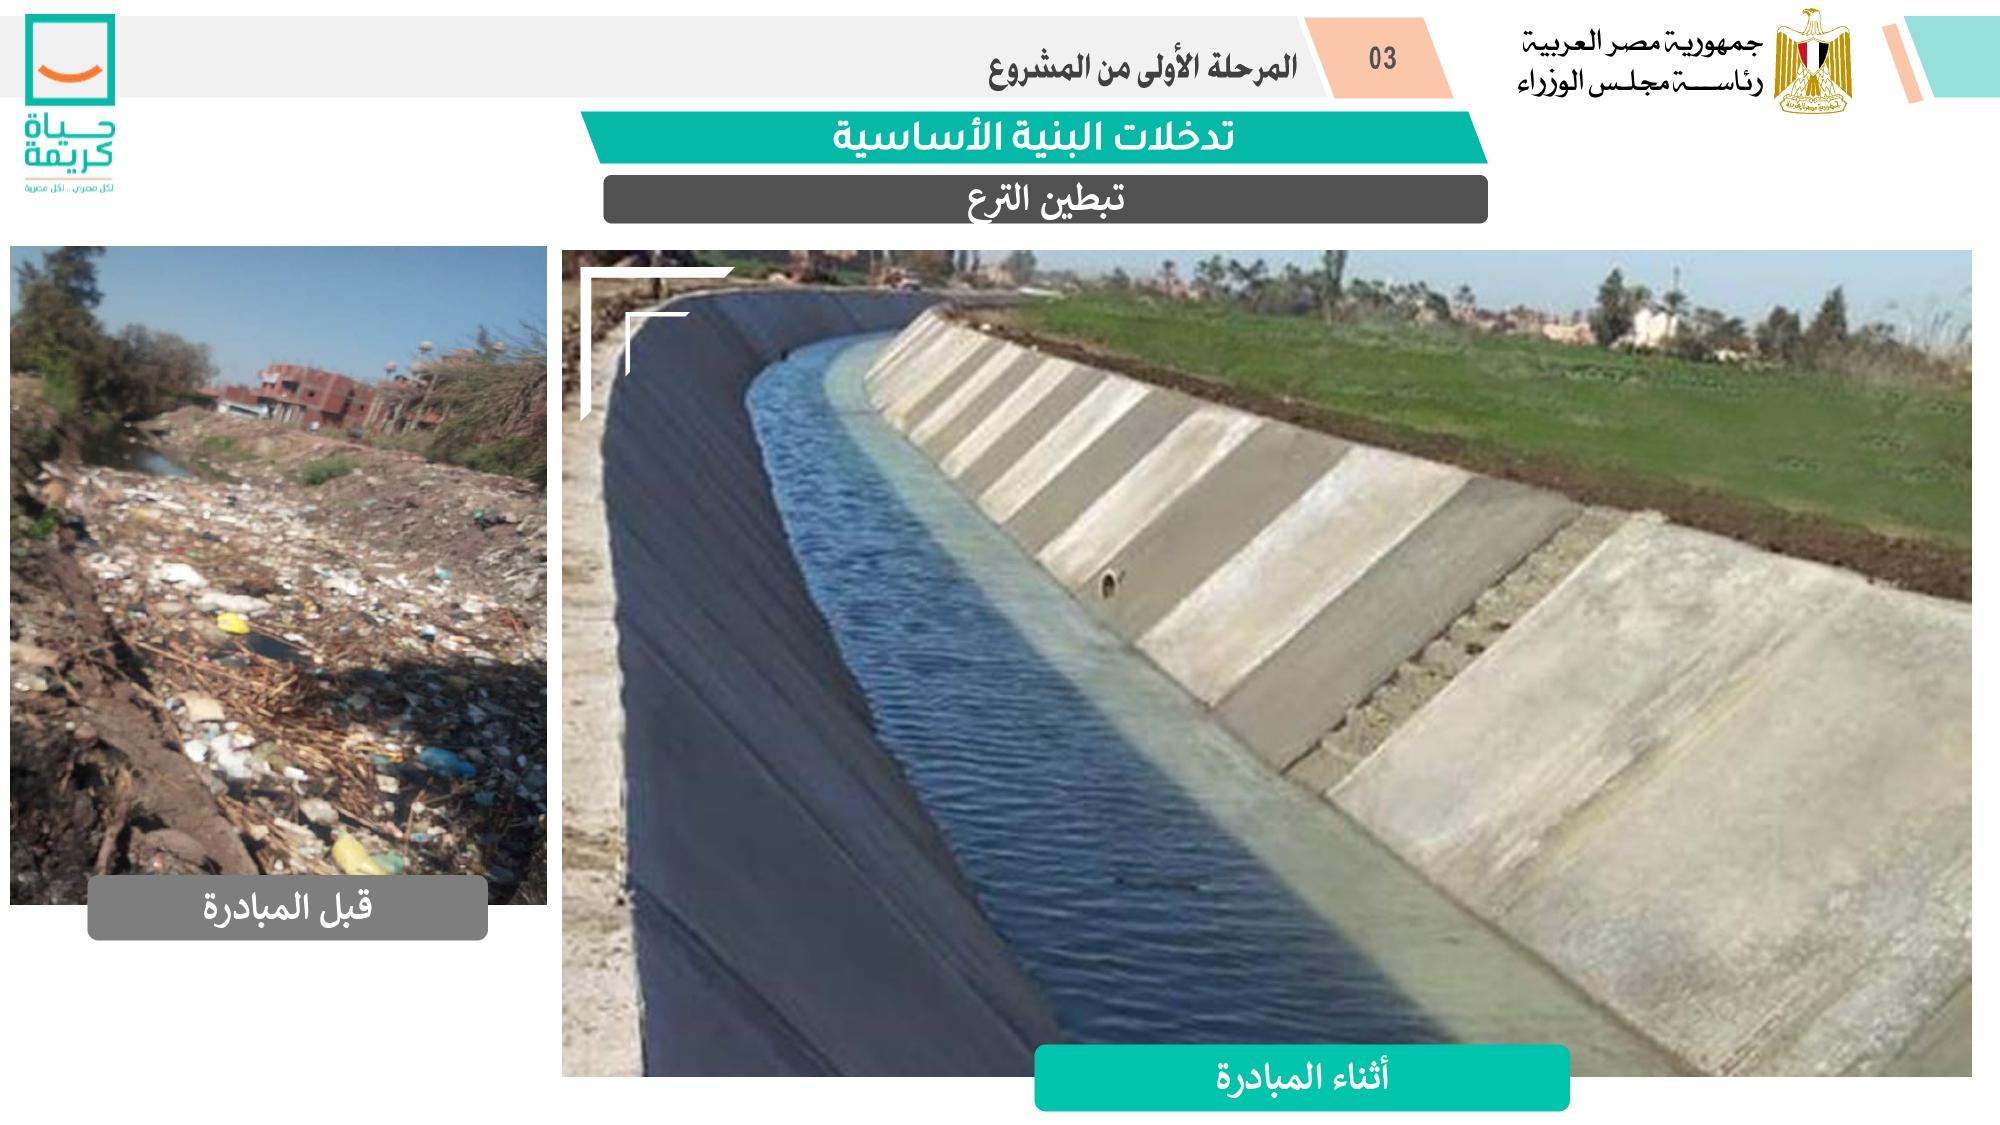 تبطين الترع ضمن المشروع القومي لتطوير القرى المصرية